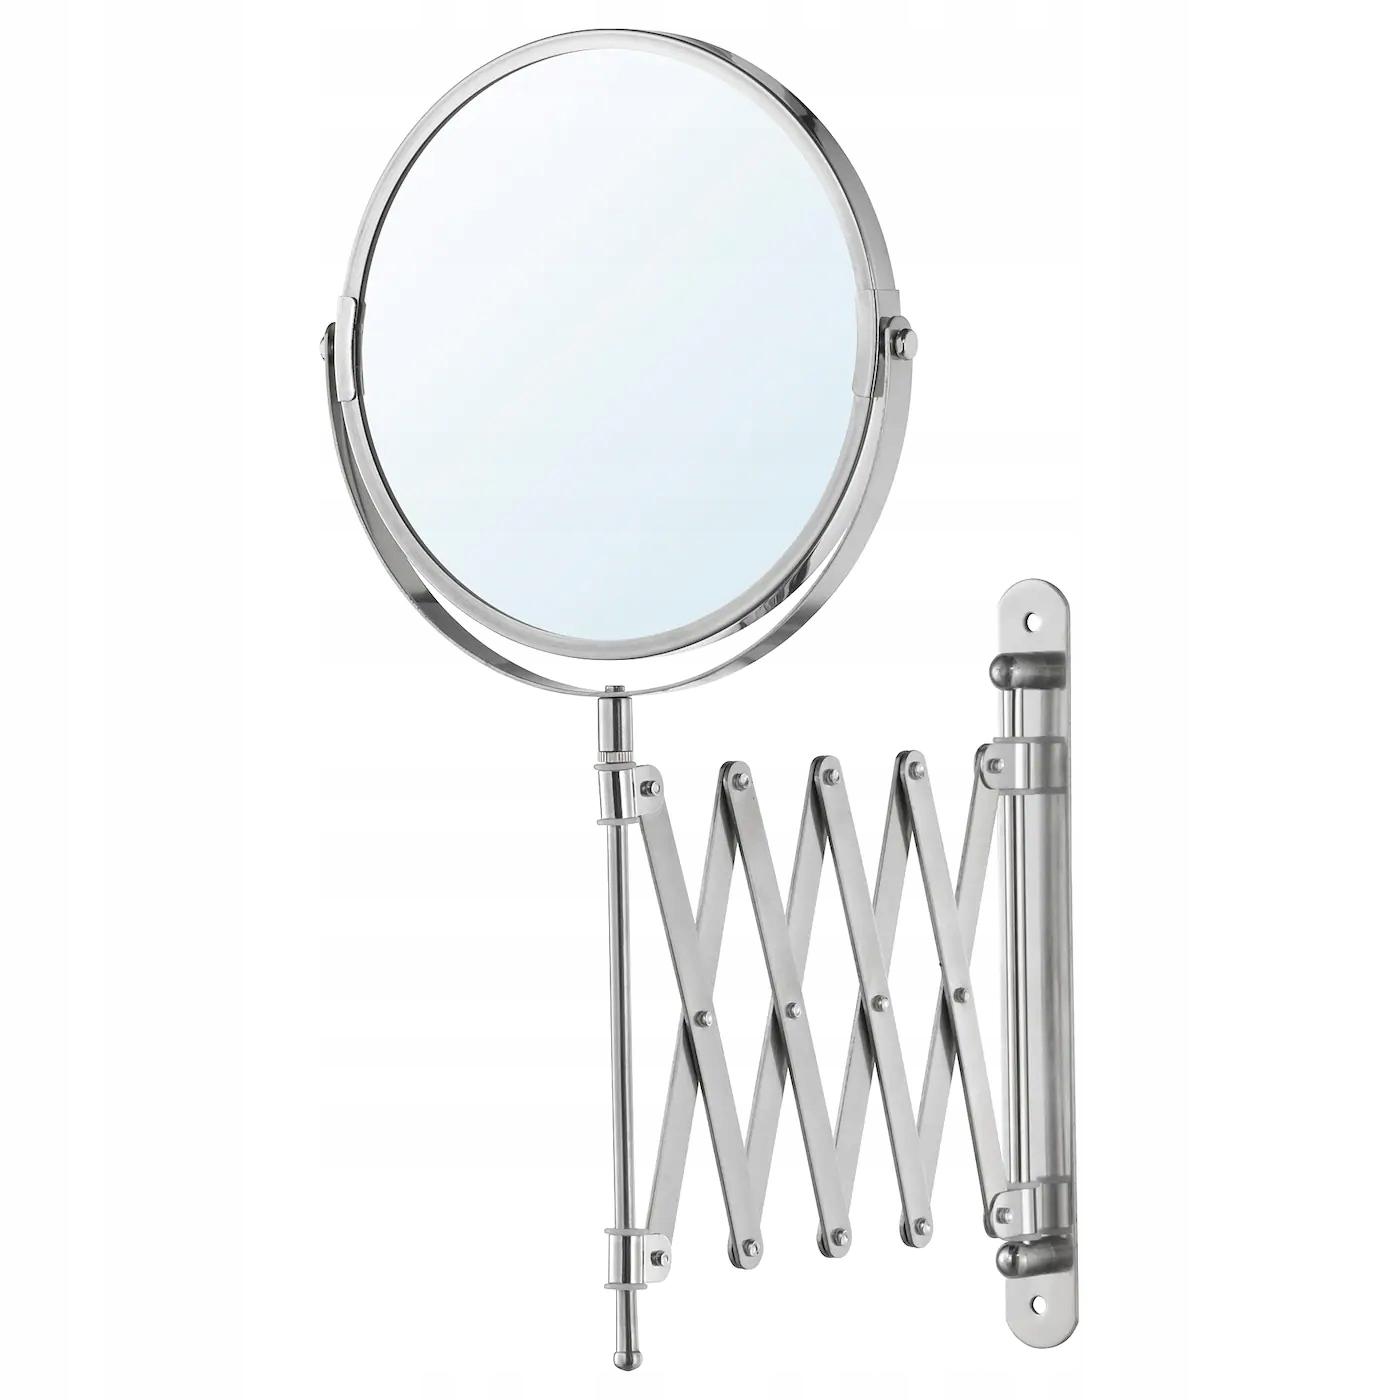 Zrkadlo do kúpeľne IKEA FRACK Kozmetické zrkadlo na líčenie